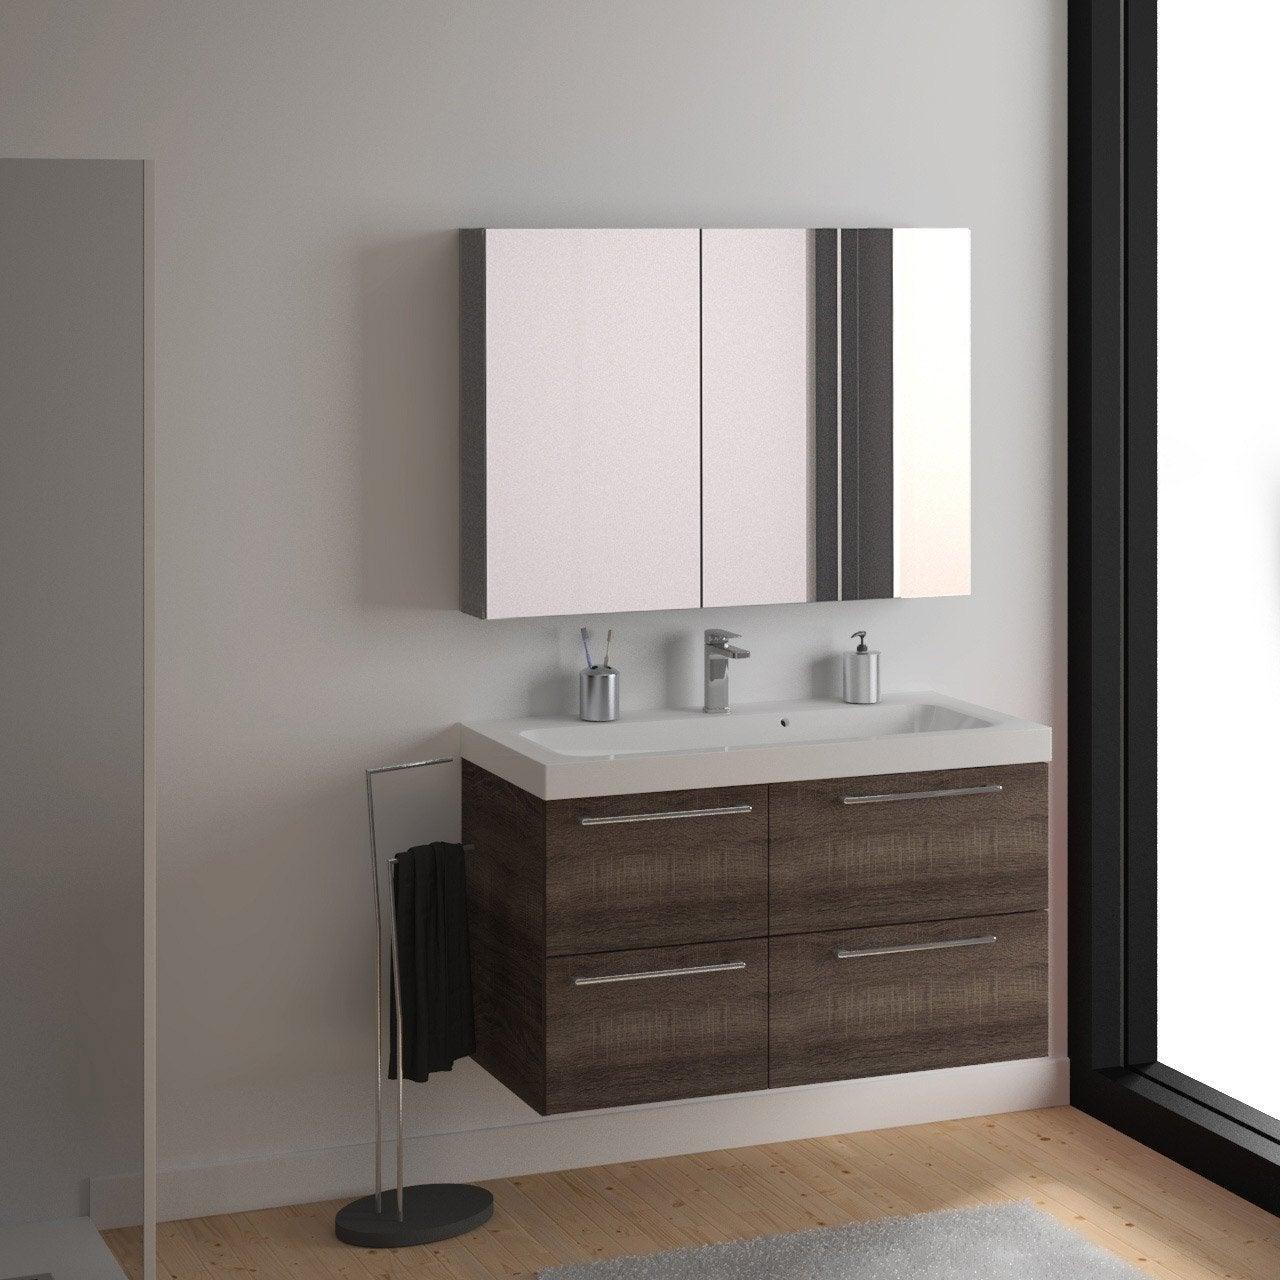 Meuble de salle de bains remix imitation ch ne gris for Salle de bain leroy merlin 3d